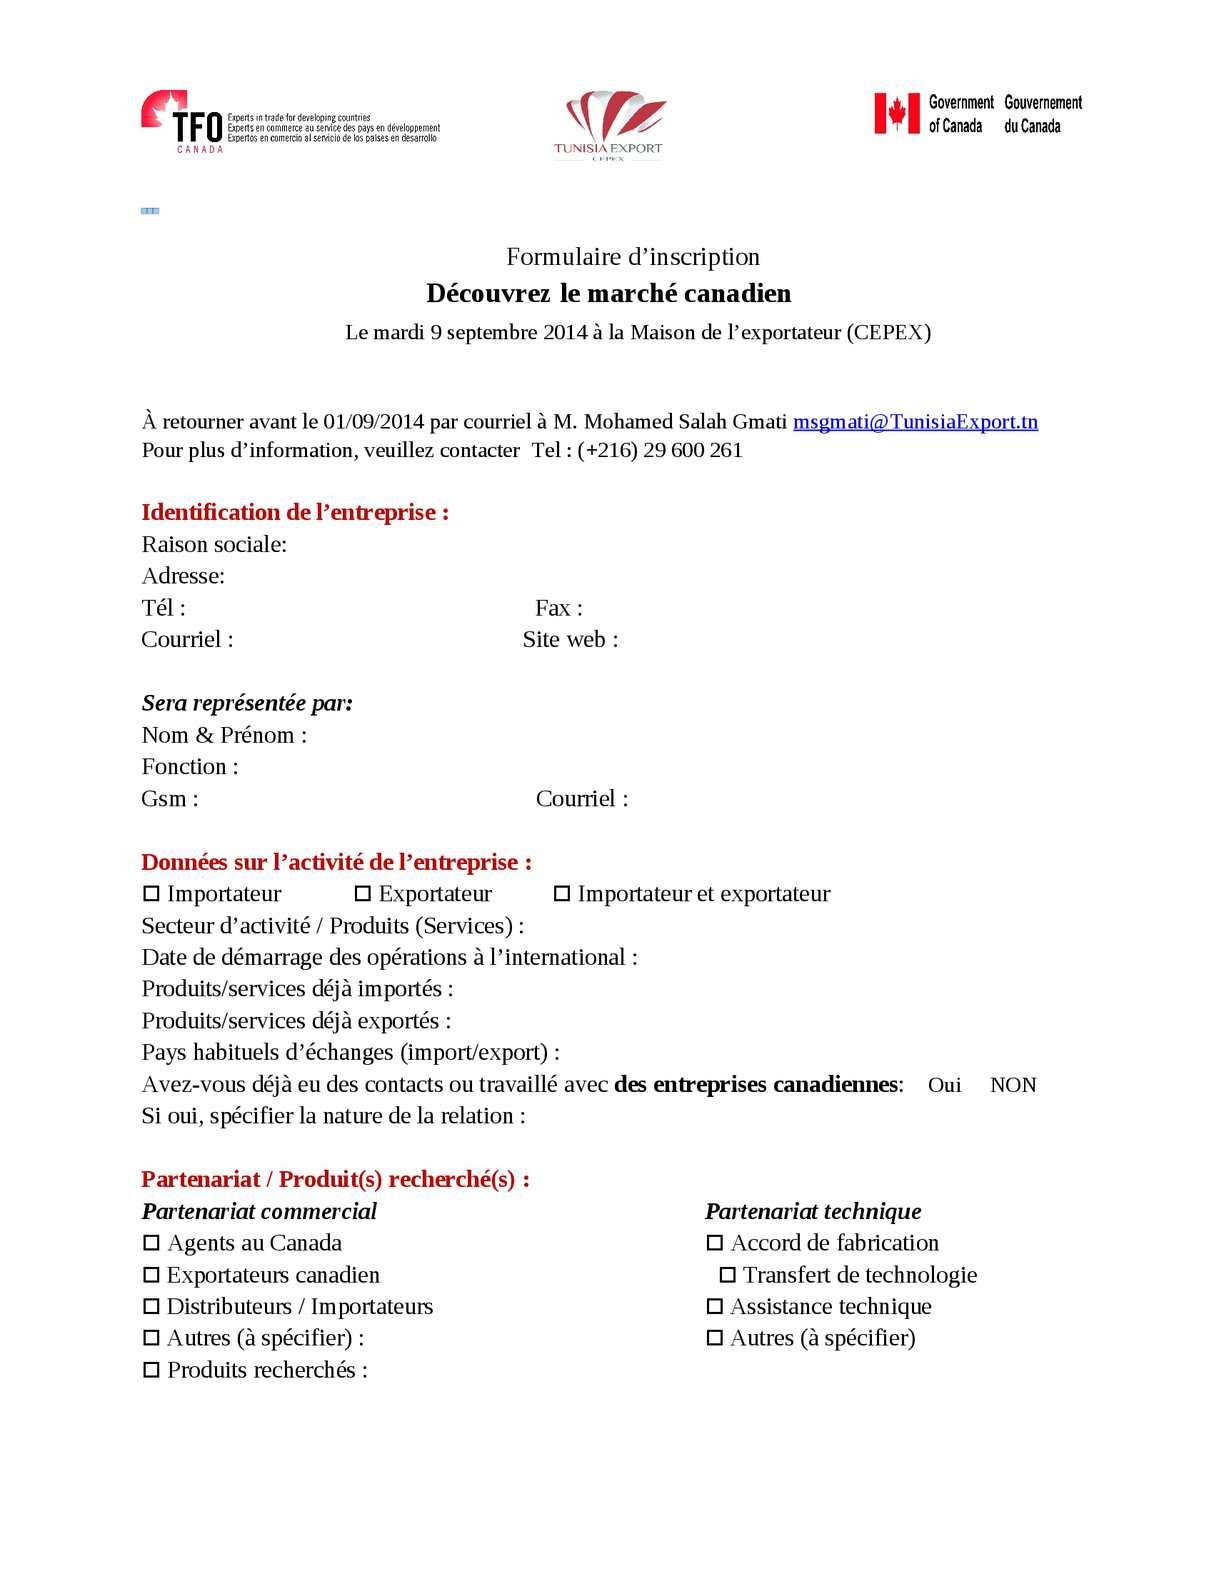 Calameo Formulaire D Inscription Tfo